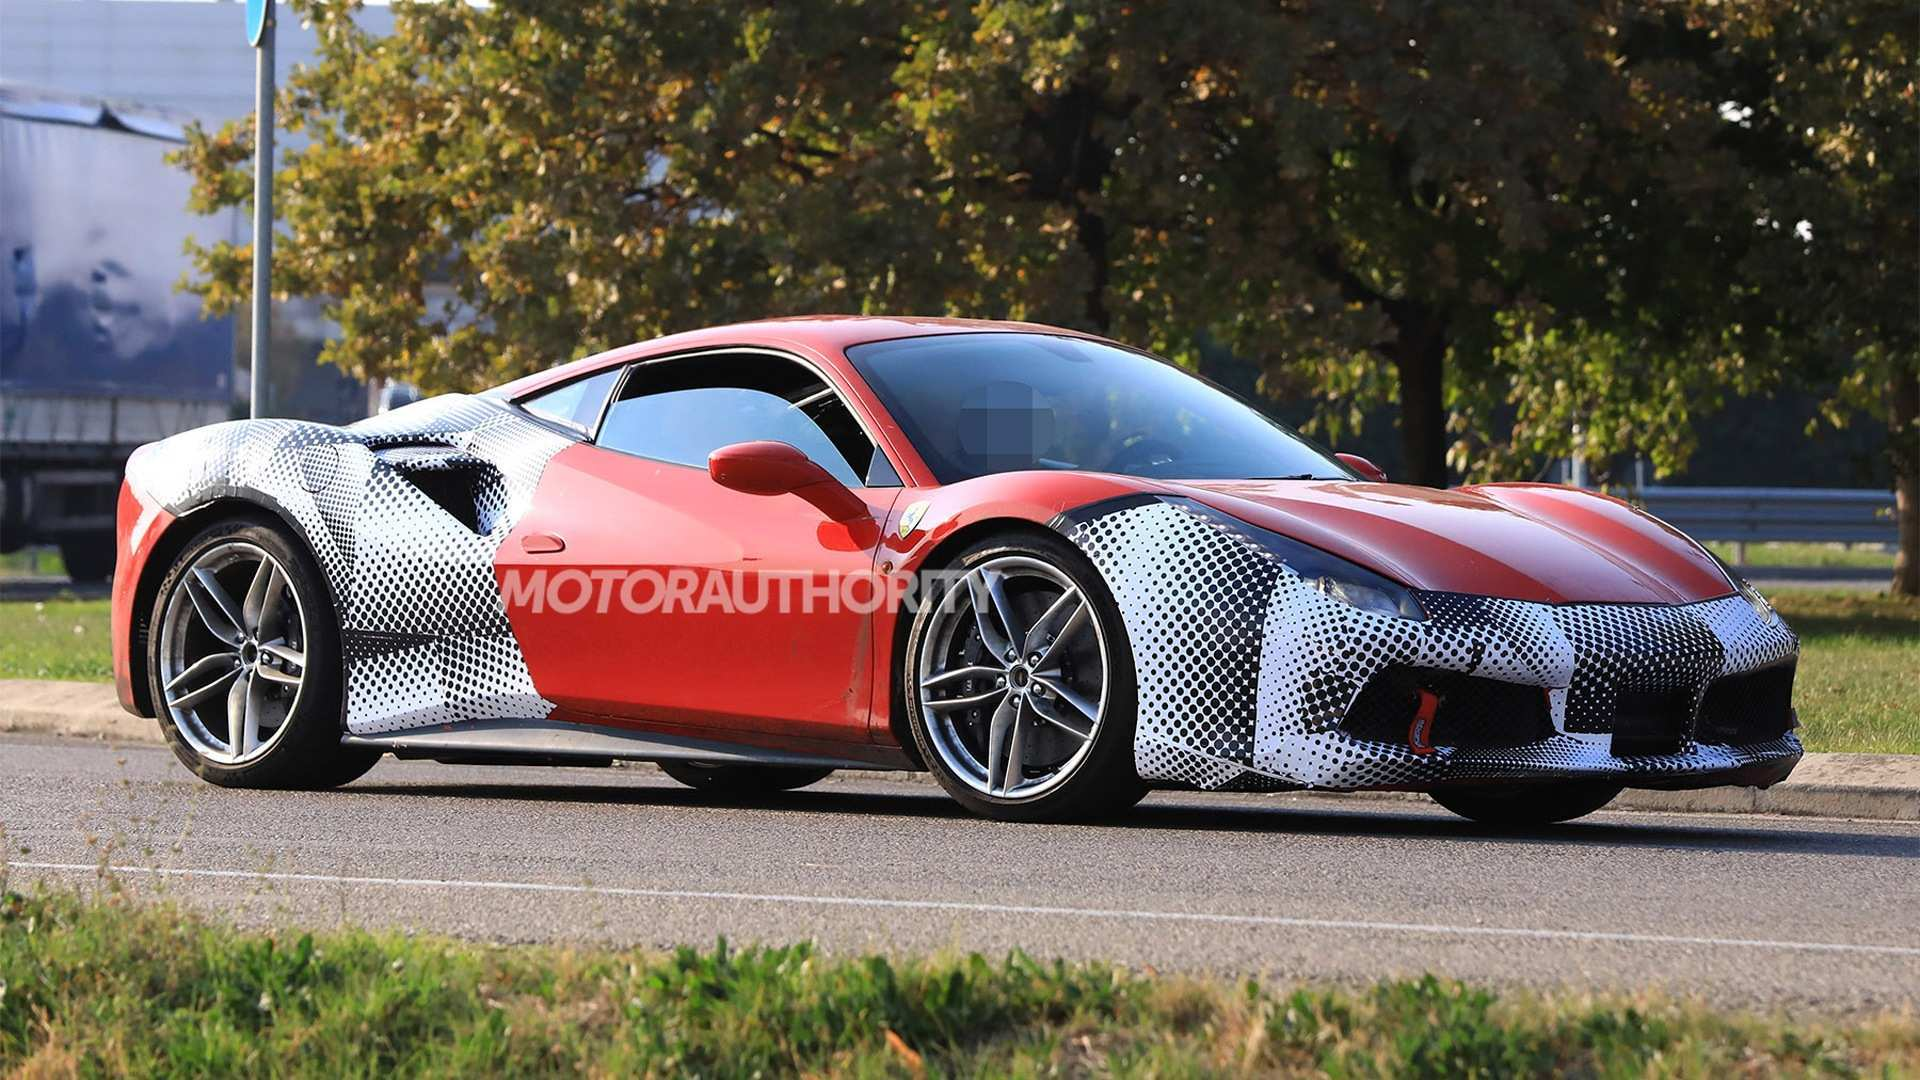 42 Great 2020 Ferrari 488 Gto Price and Review with 2020 Ferrari 488 Gto